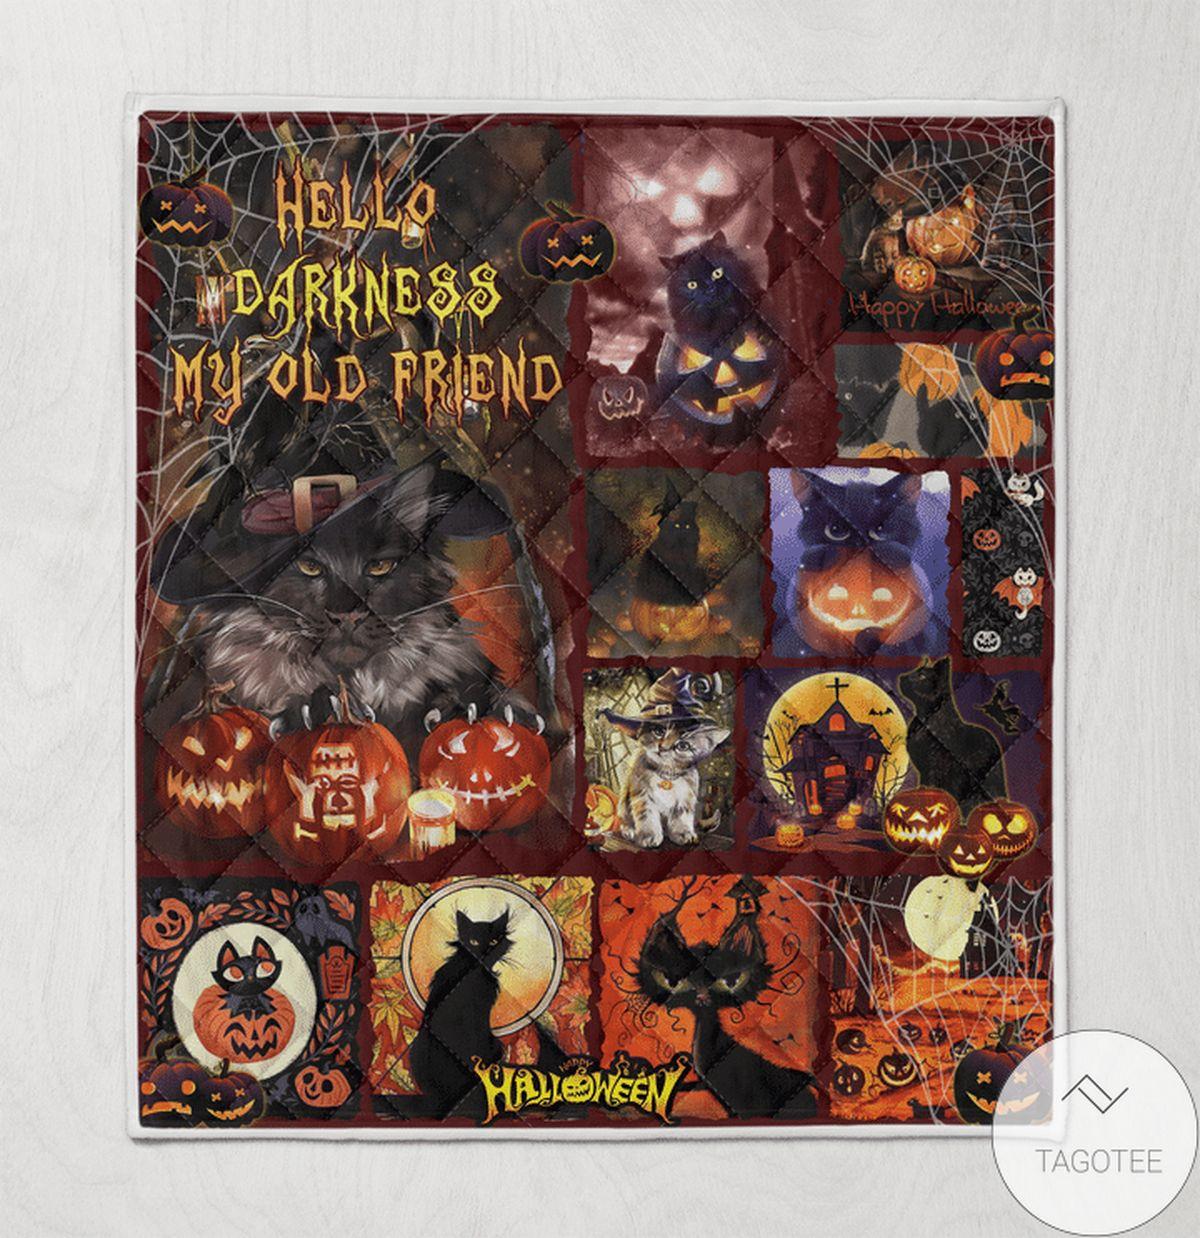 Black Cat Hello Darkness My Old Friend Halloween Quilt